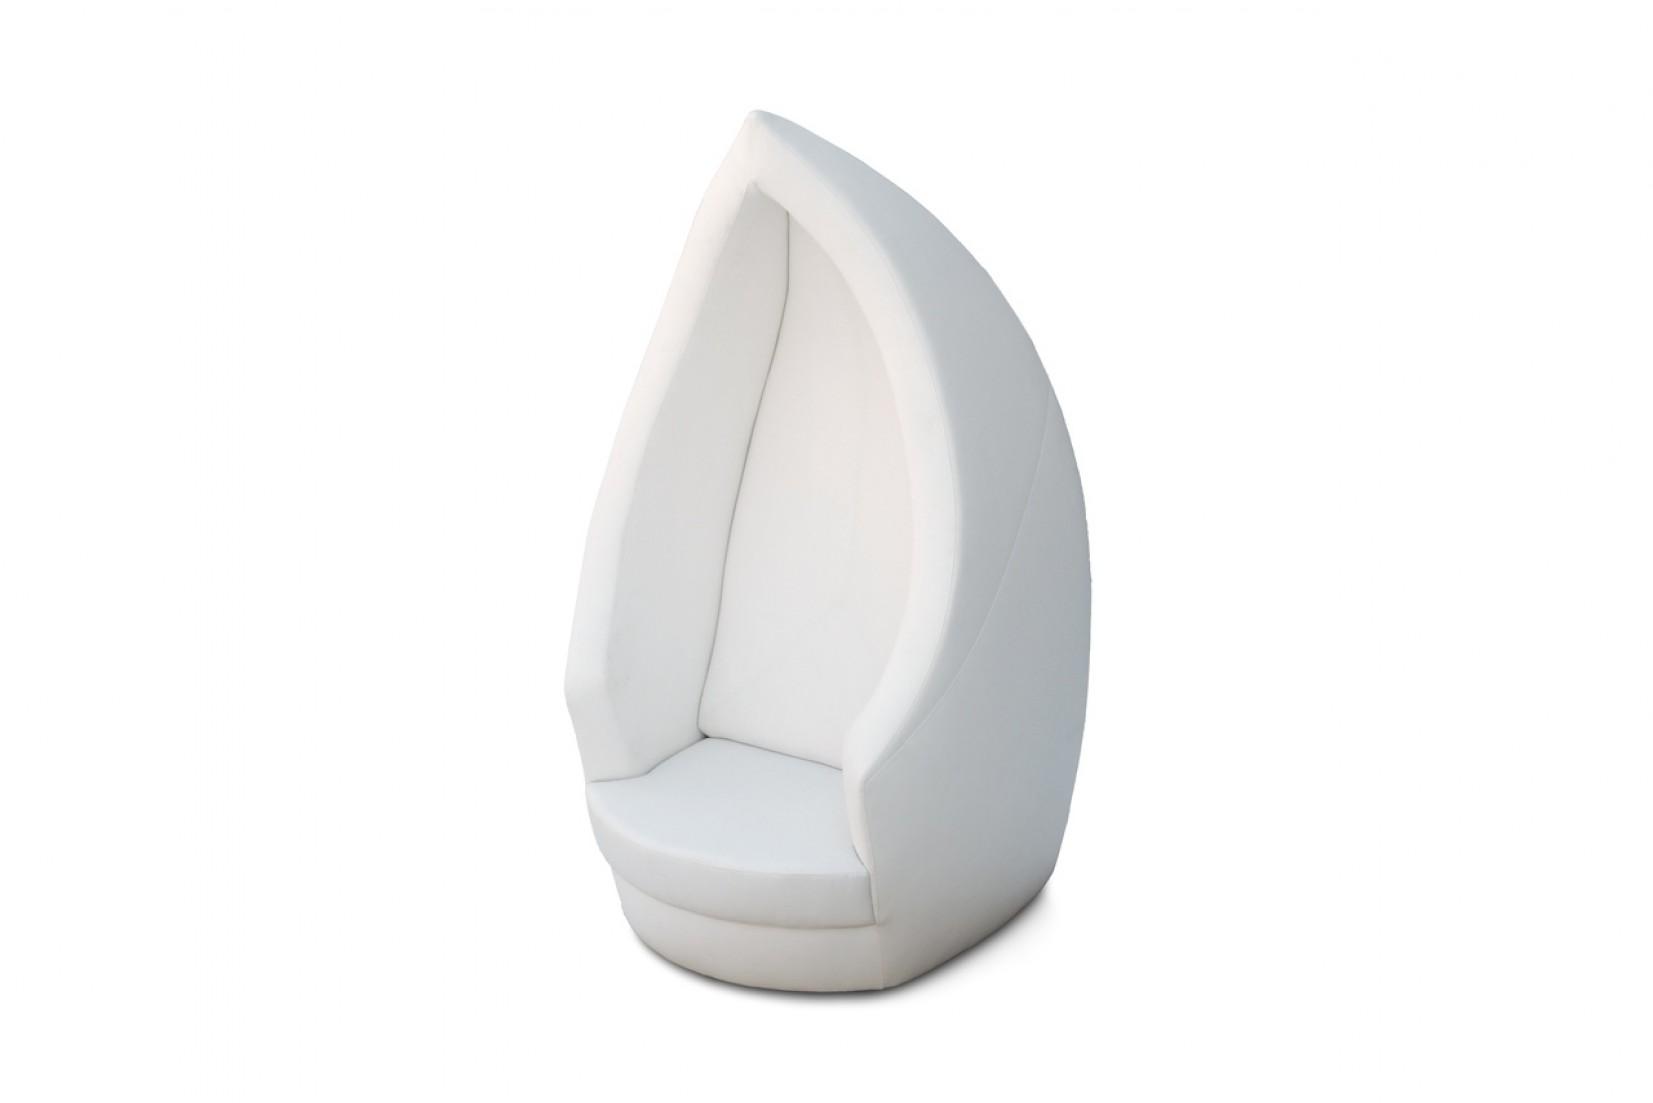 PLUGIN TRUC 2 S - fauteuil, skai